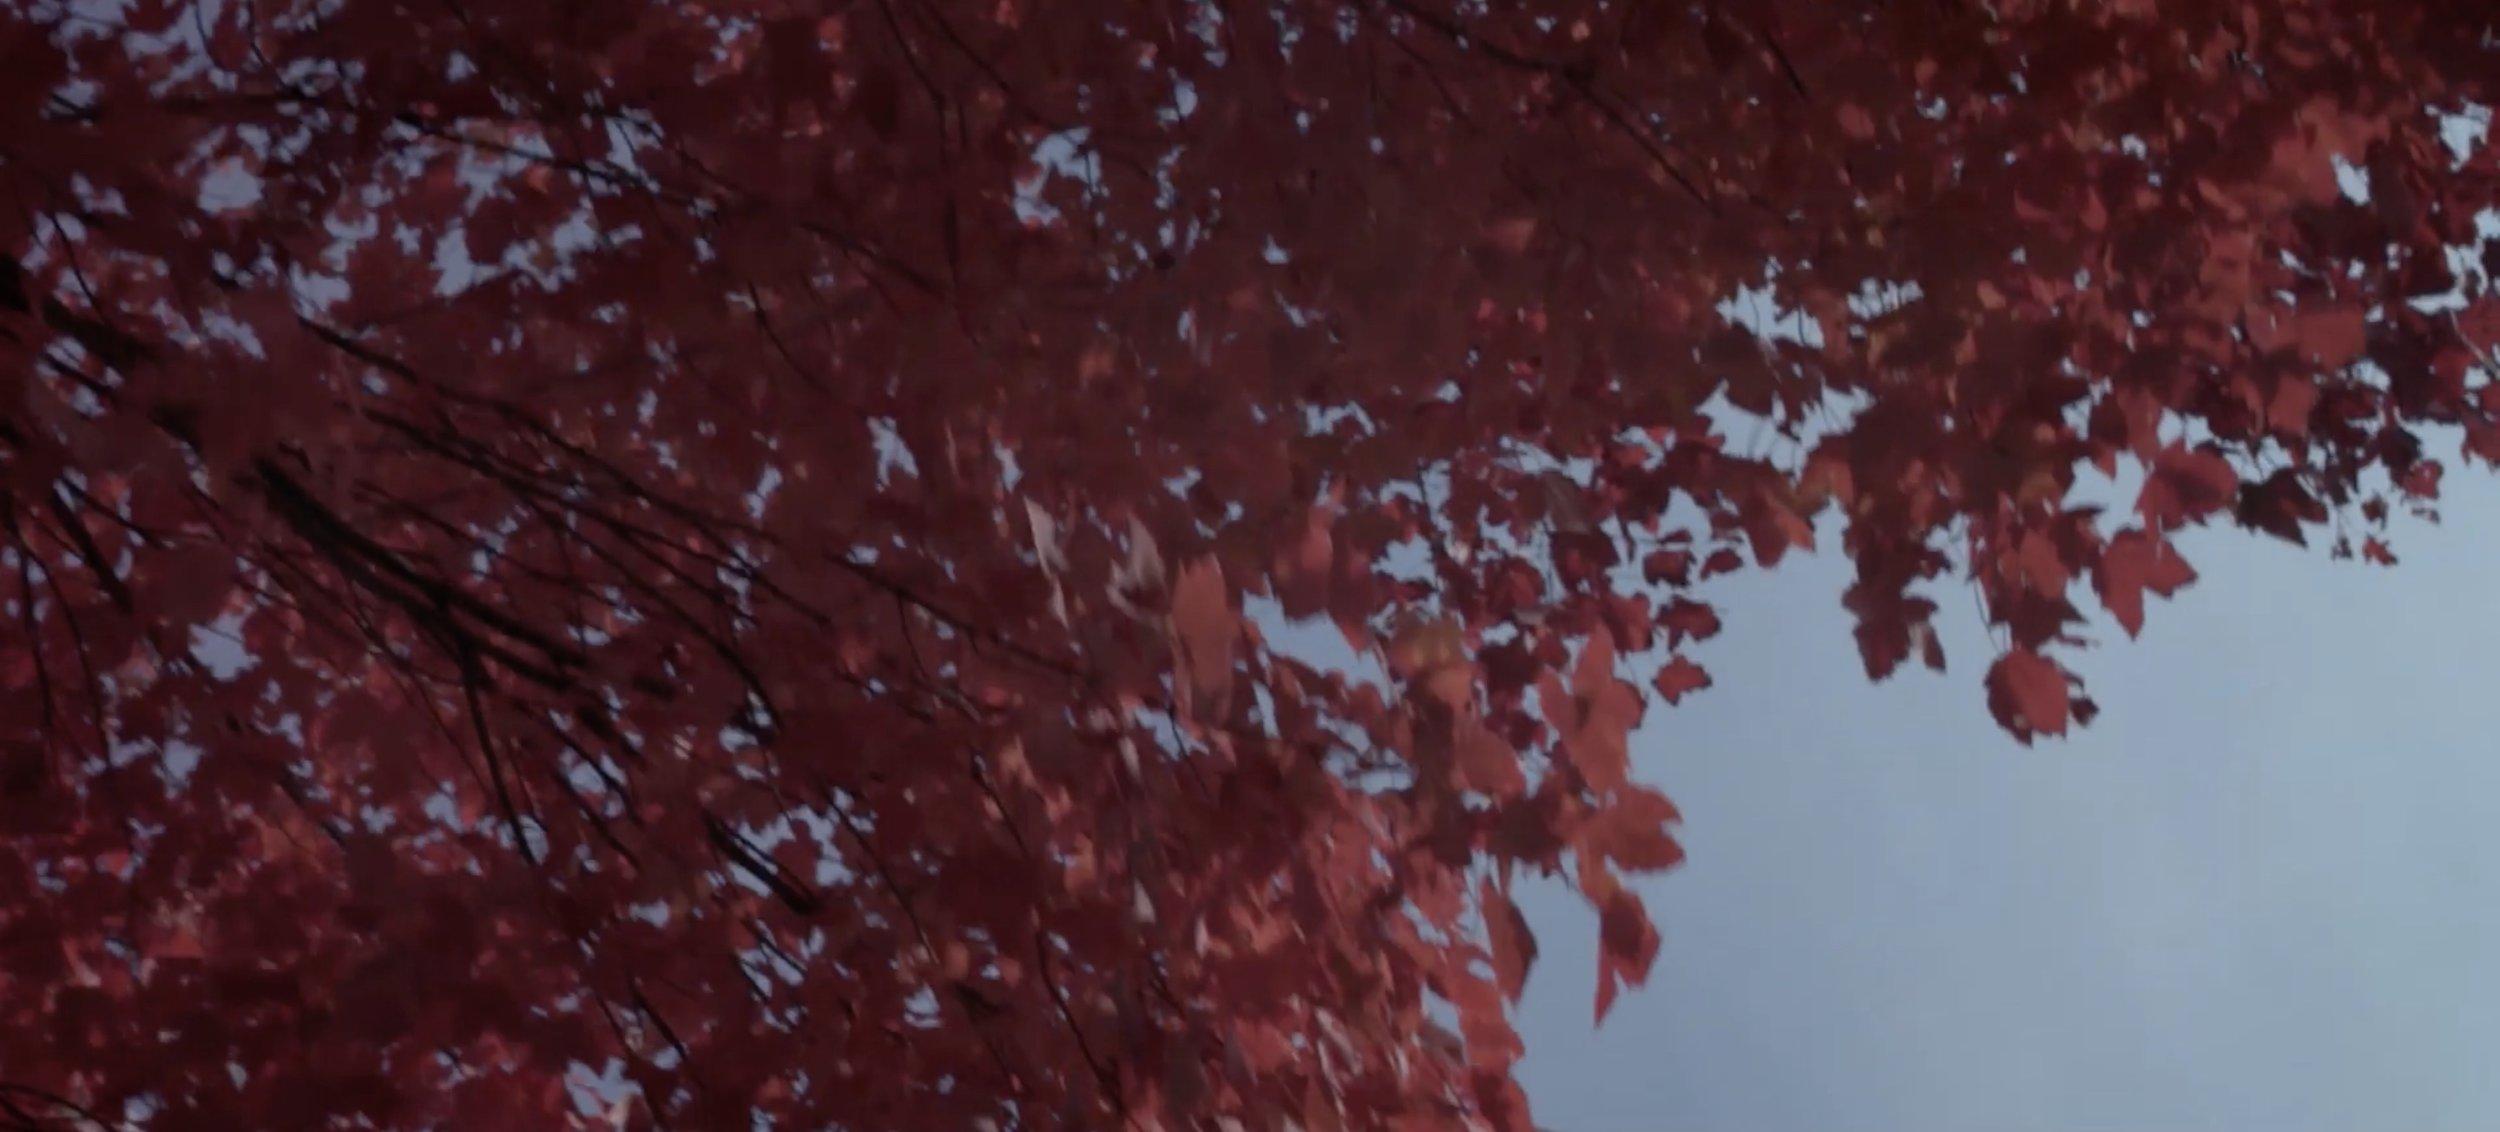 11. Fall.jpg